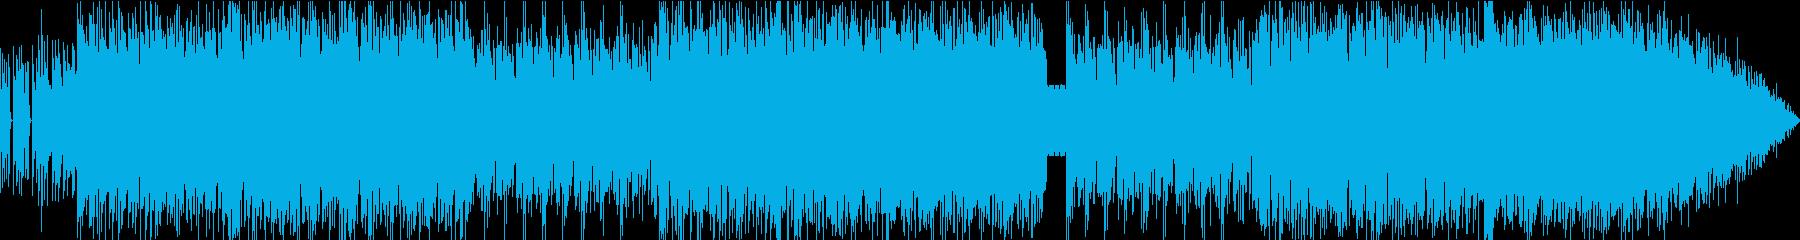 アコースティックなサウンドかつファンキーの再生済みの波形